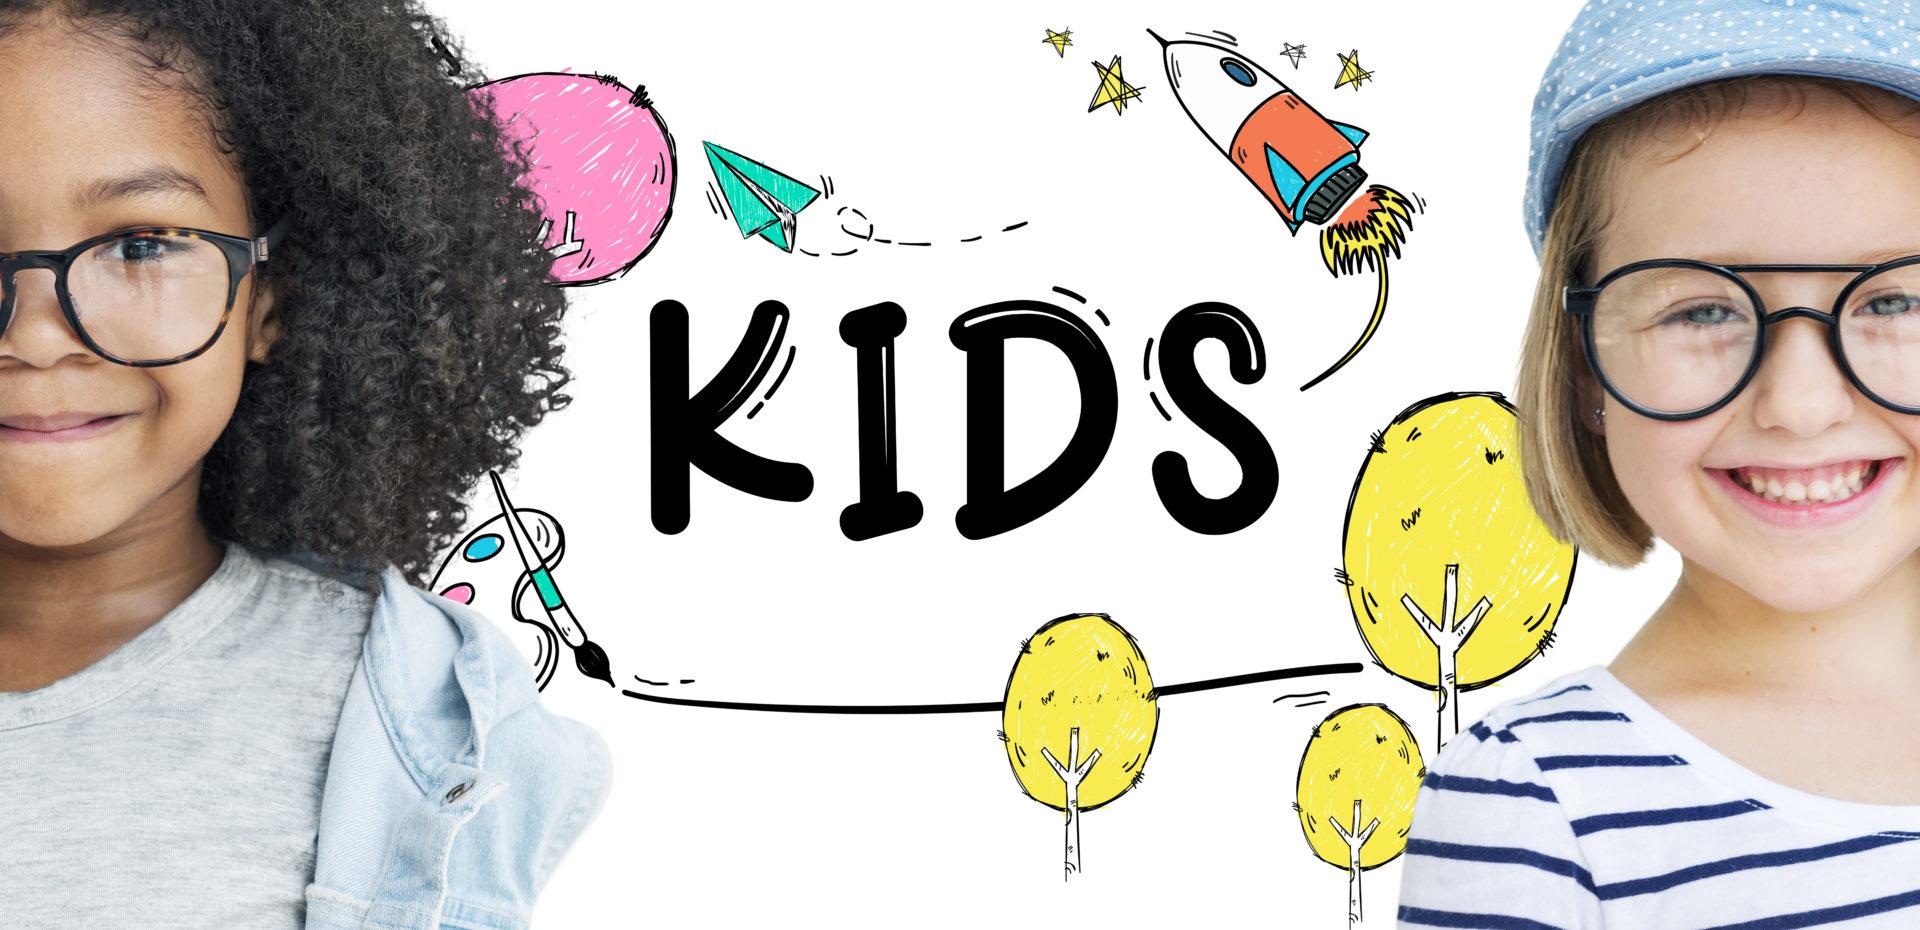 Idée Cadeau Pour Enfant (Fille) De 6 Ans À 12 Ans - Jeux Et à Jeux De Petite Fille De 6 Ans